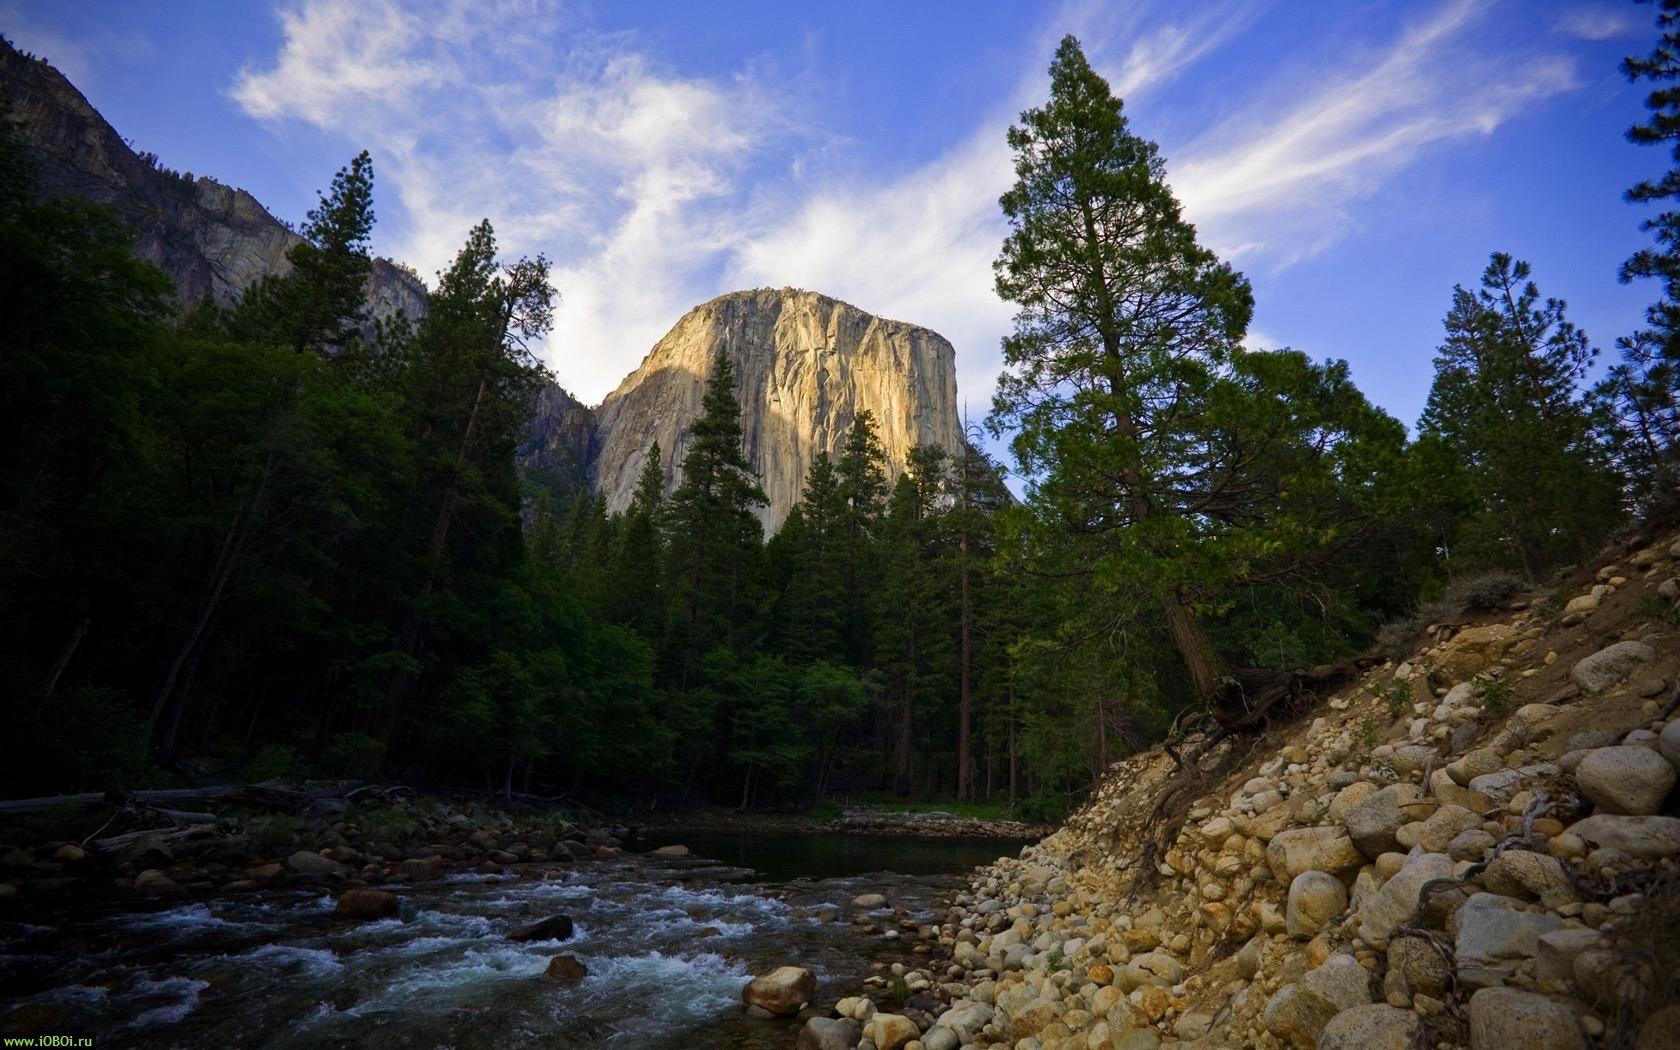 27397 скачать обои Пейзаж, Река, Деревья, Горы - заставки и картинки бесплатно